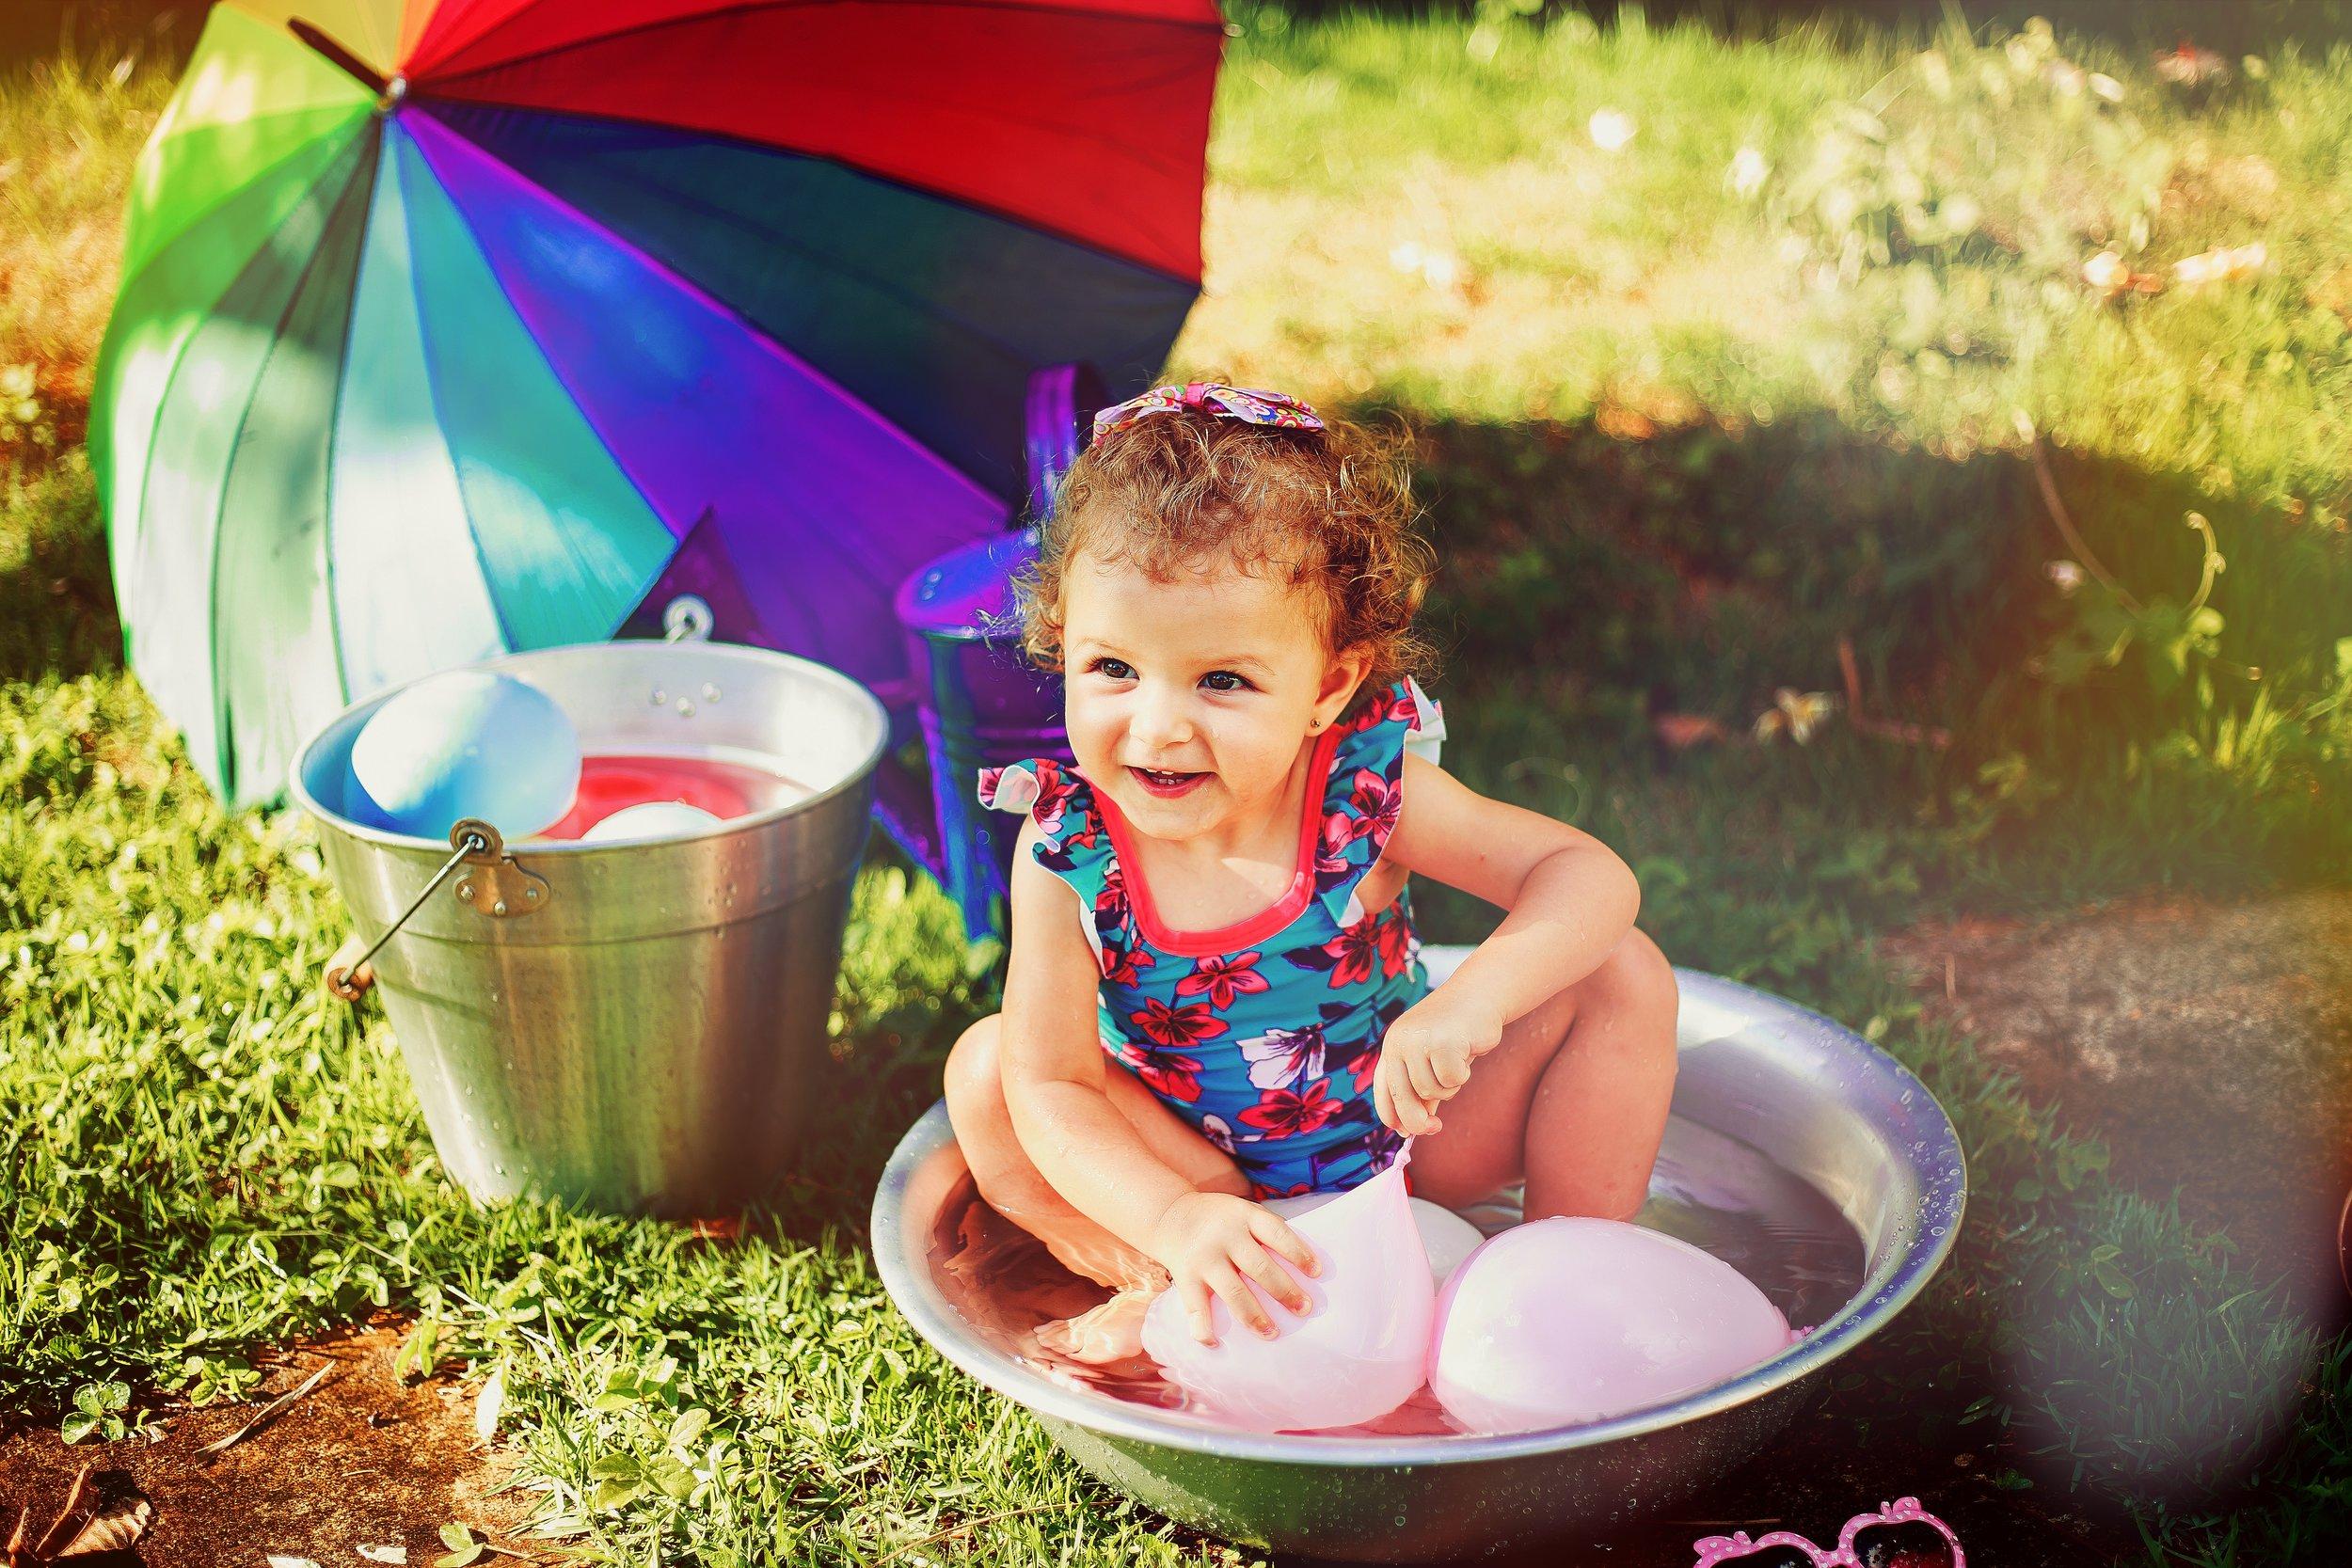 adorable-balloons-basin-2168793.jpg